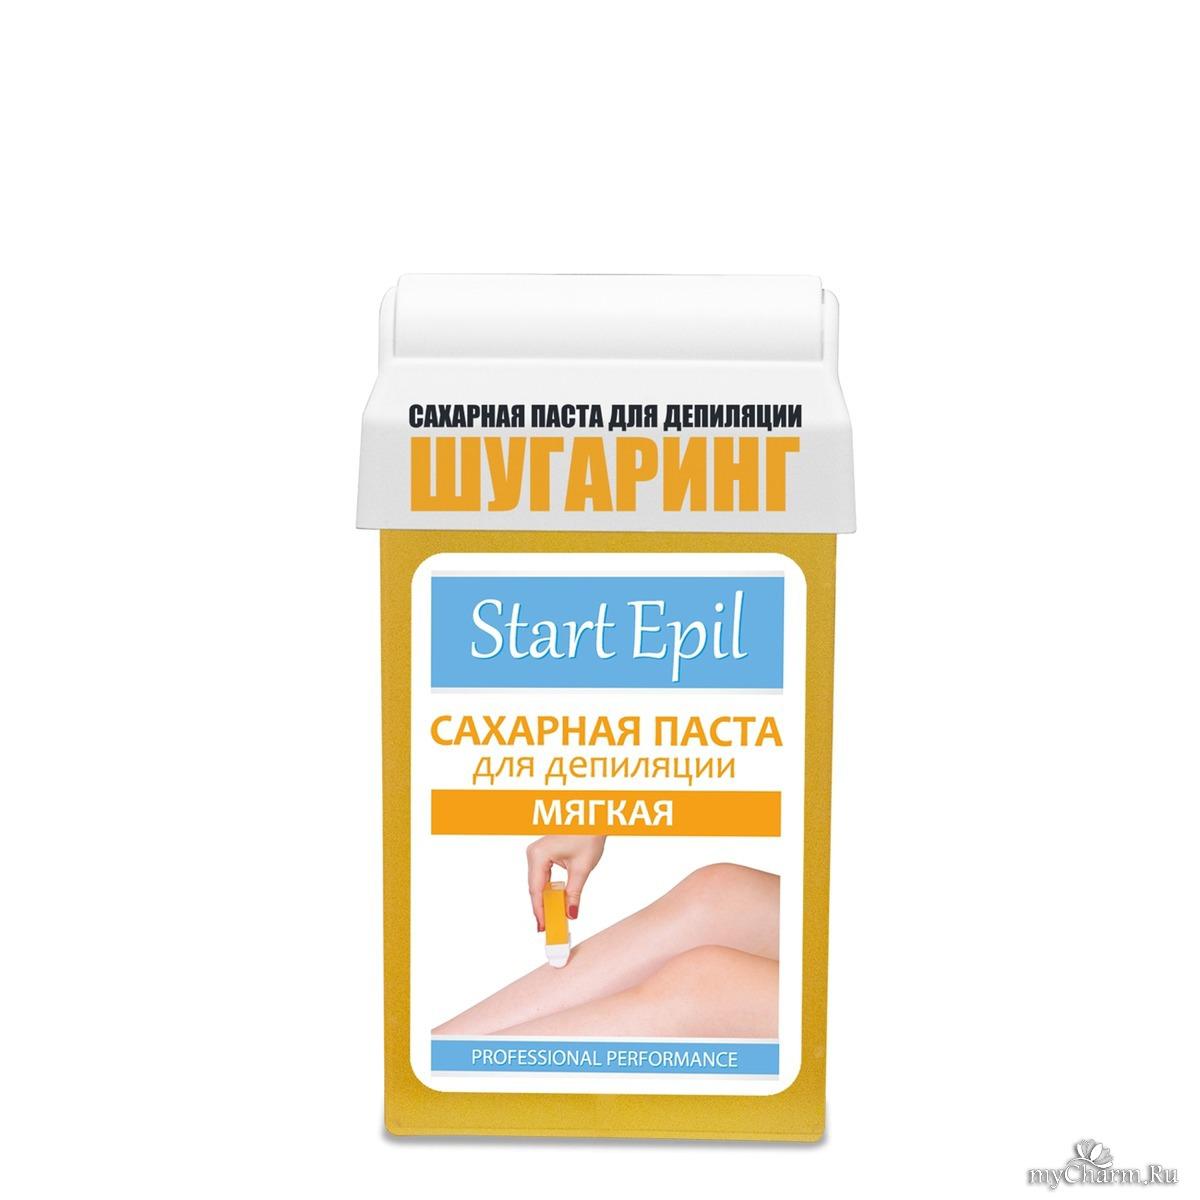 start epil сахарная паста для депиляции плотная